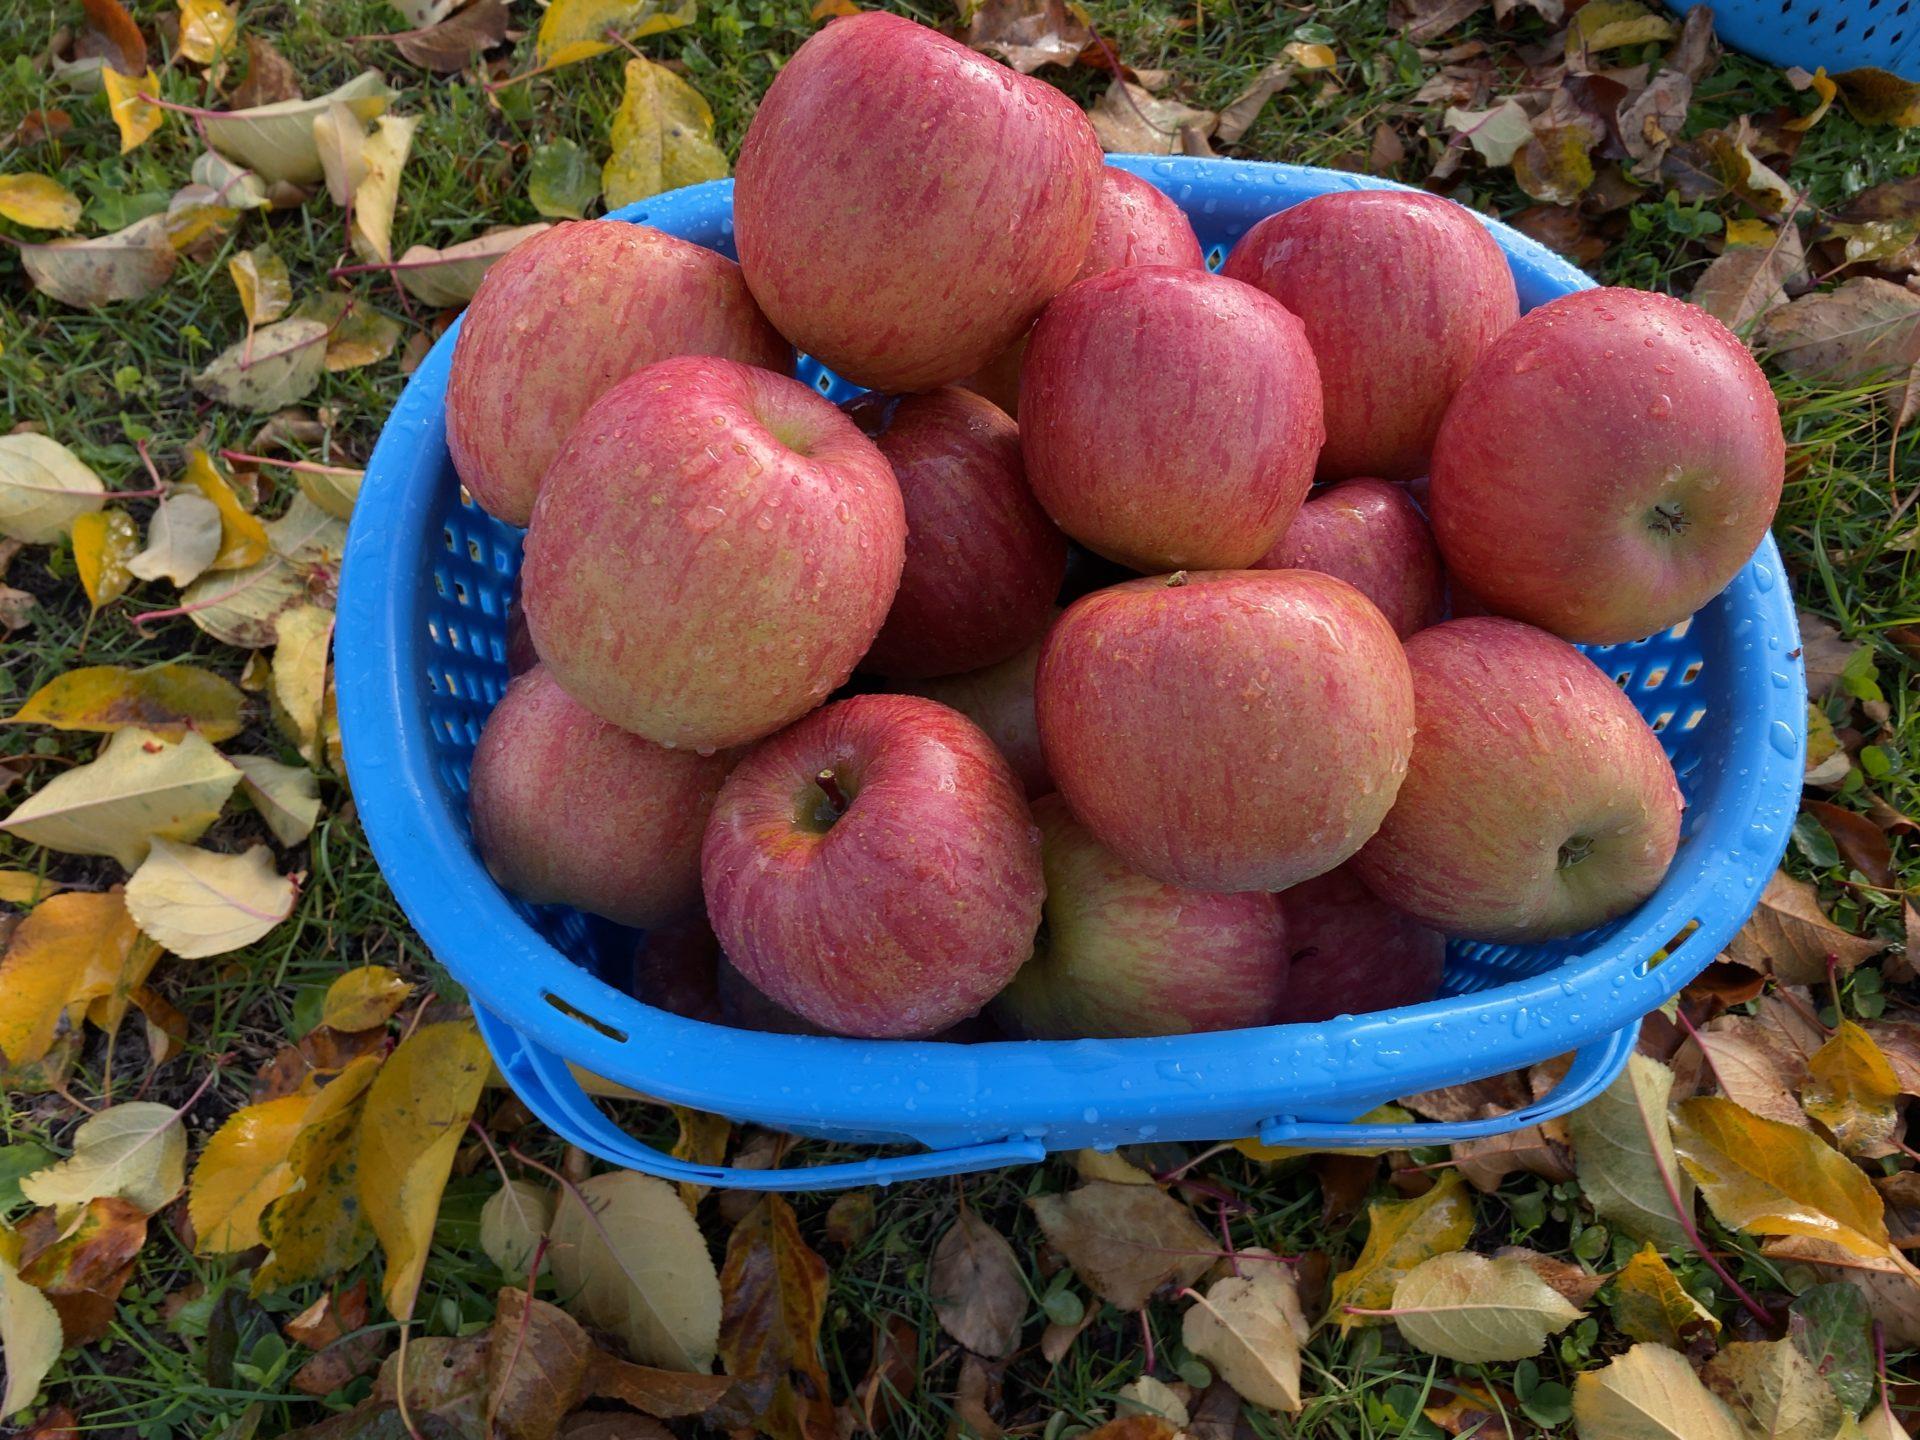 コロナ対策万全の元、社内旅行で長野へリンゴ狩り&今年の最後となる黒部ダム観光